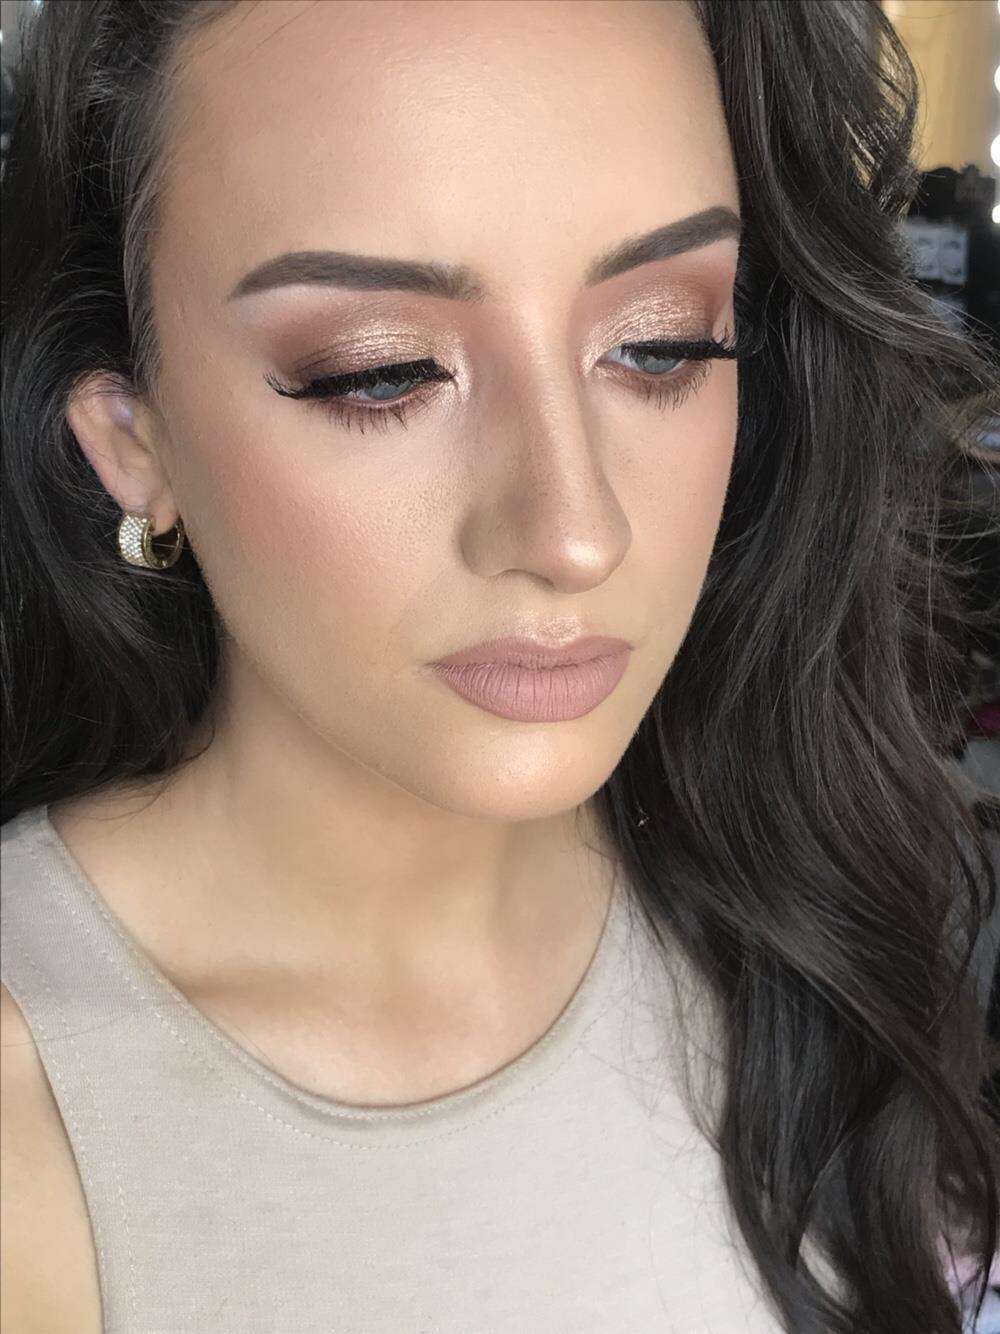 MAKEUP APPLICATION (FULL) £40 Wedding hair and makeup